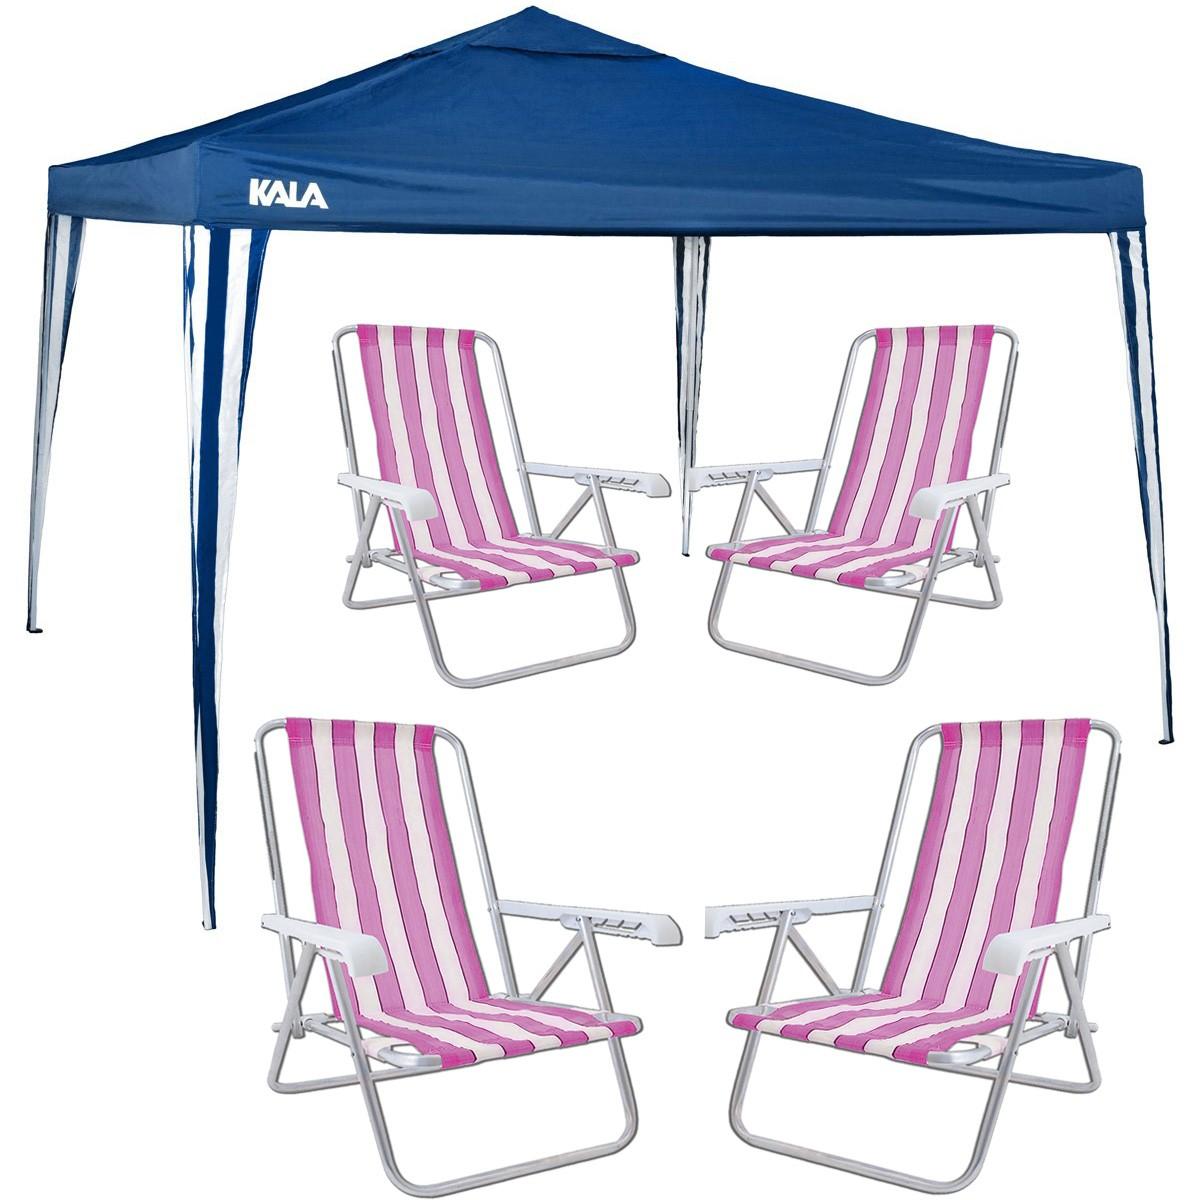 Kit Verão Gazebo Tenda 3x3 Articulado Com 4 Cadeiras Praia